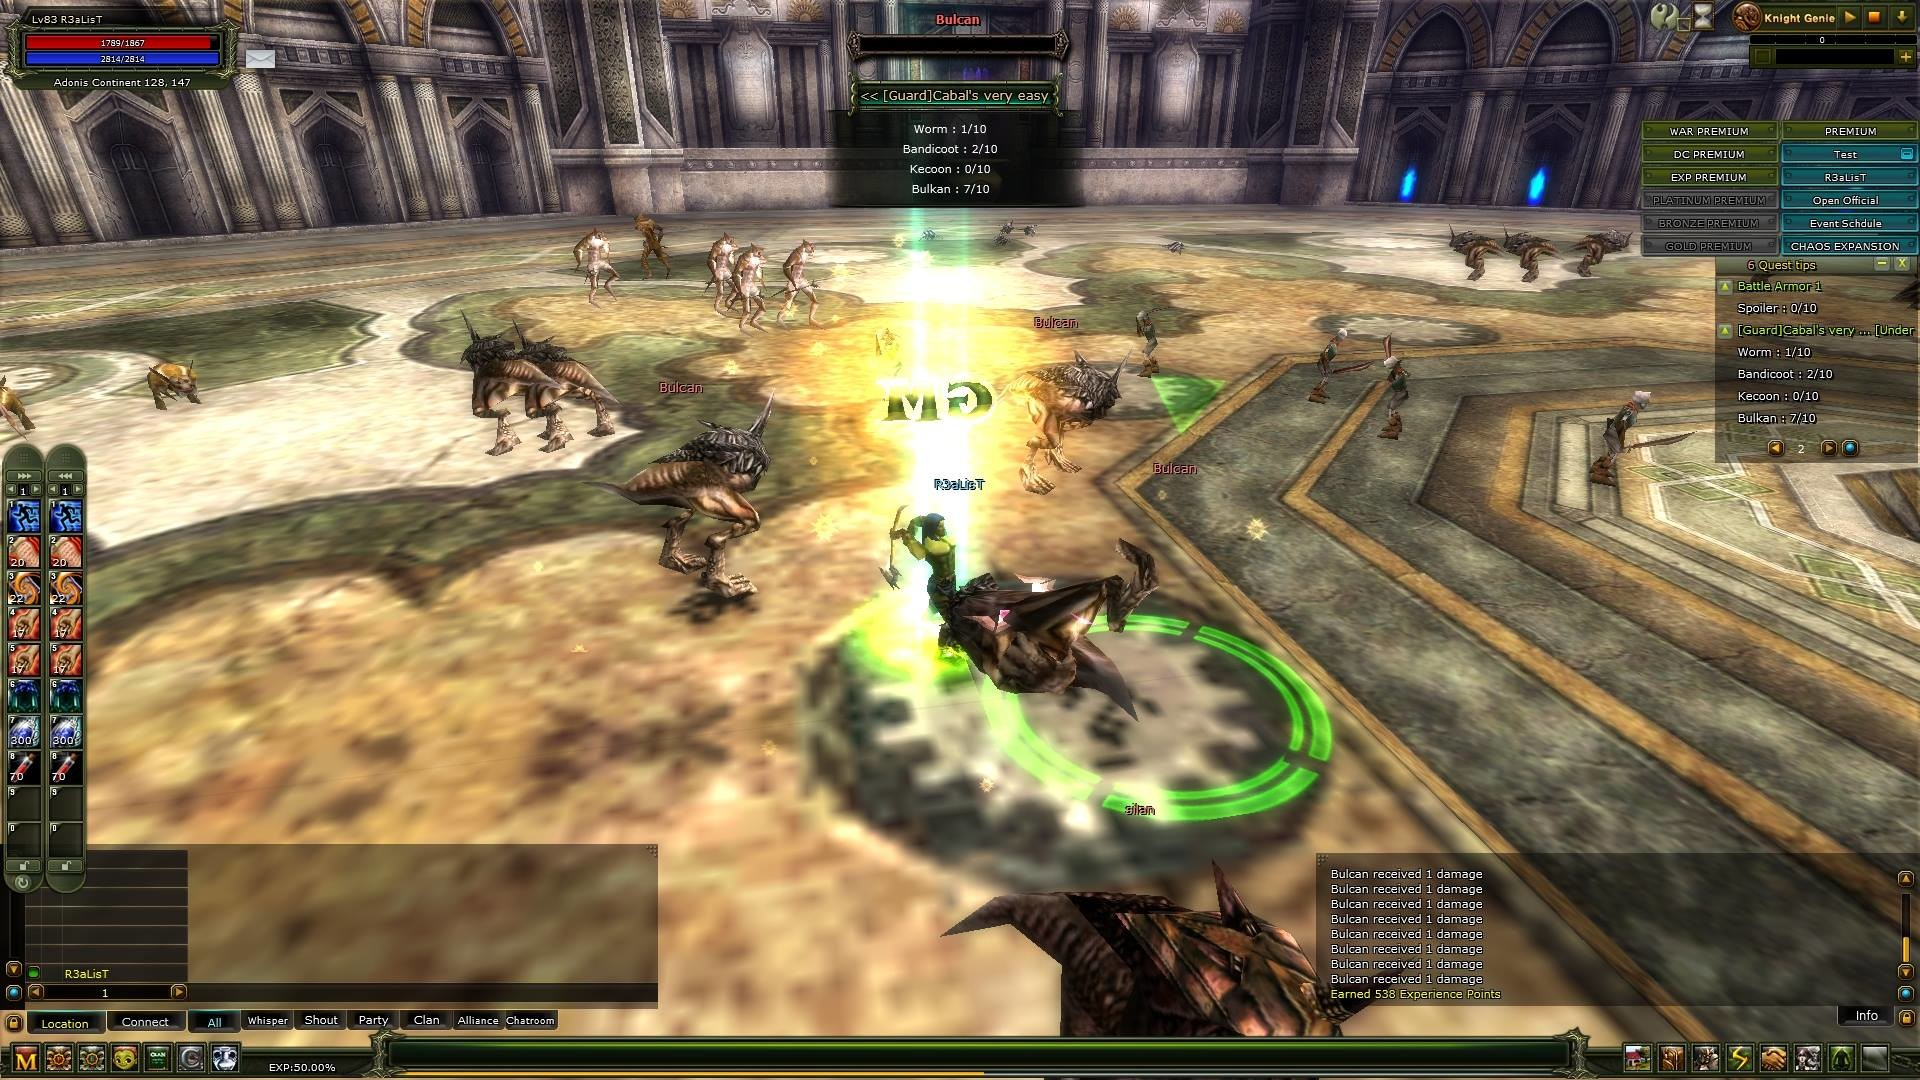 KnightGamerS ARDREAM Aktif Edildi �zenle D�zenlendi Haz�r �tem Pk Server..!Eventleri Takip Ediniz :)